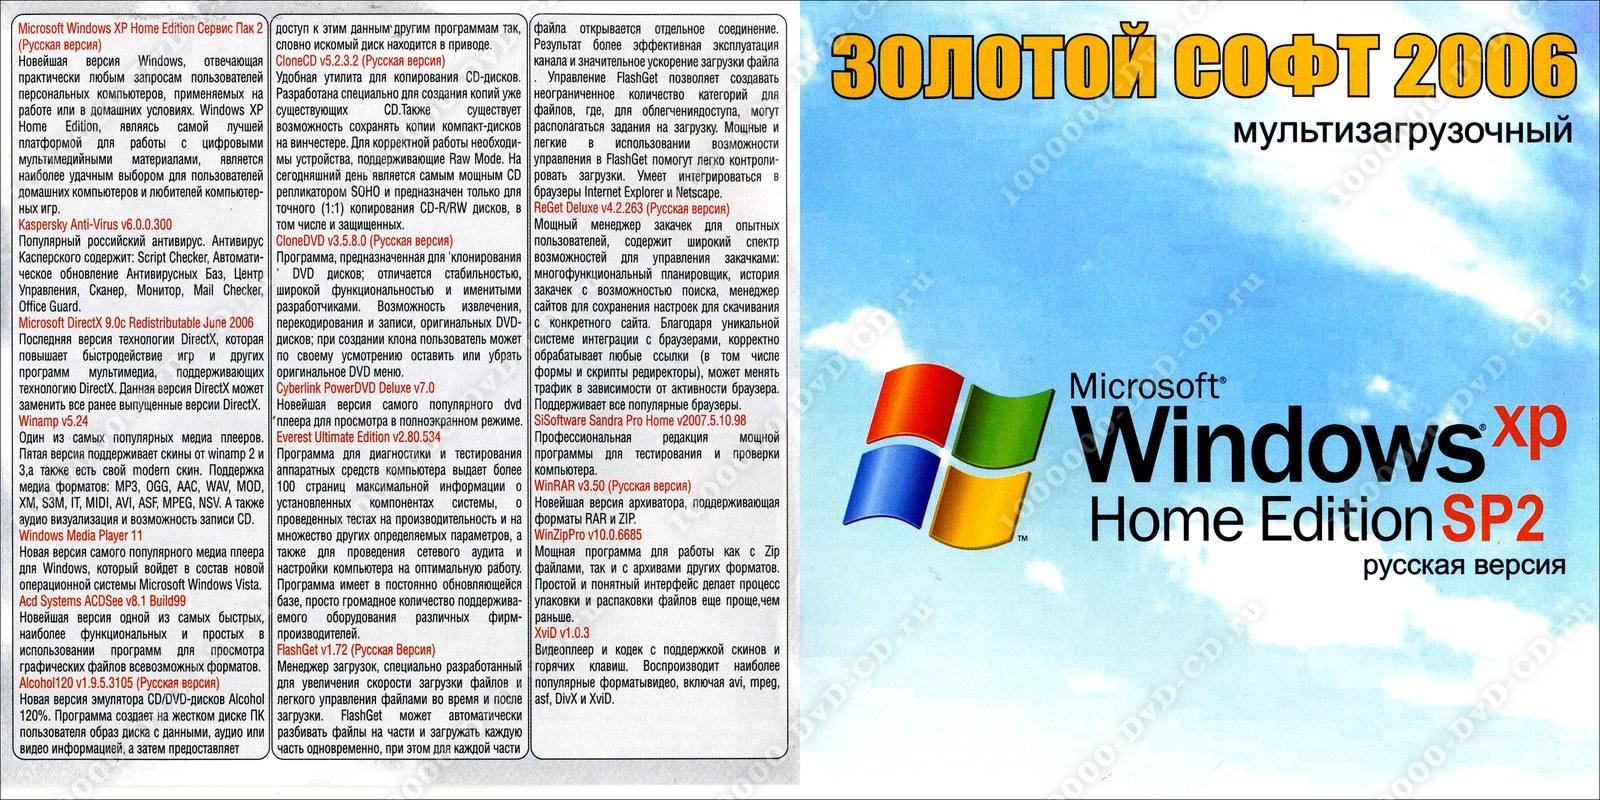 Как сделать загрузочный диск и флешку Windows 7, 8.1, 10 46